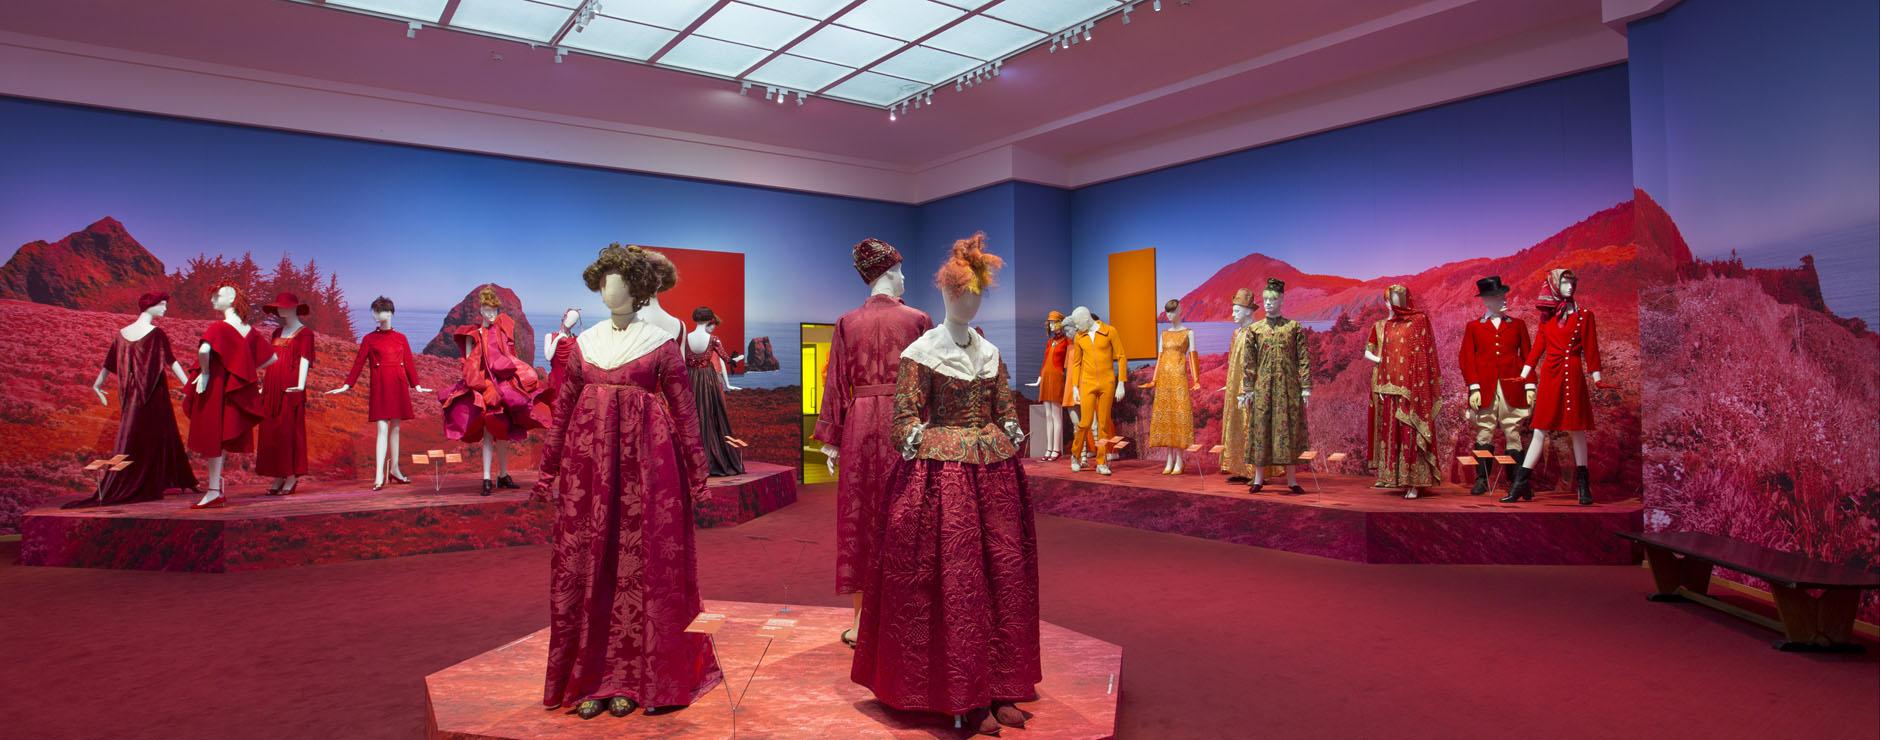 Kunstmuseum Den Haag - Mode in Kleur